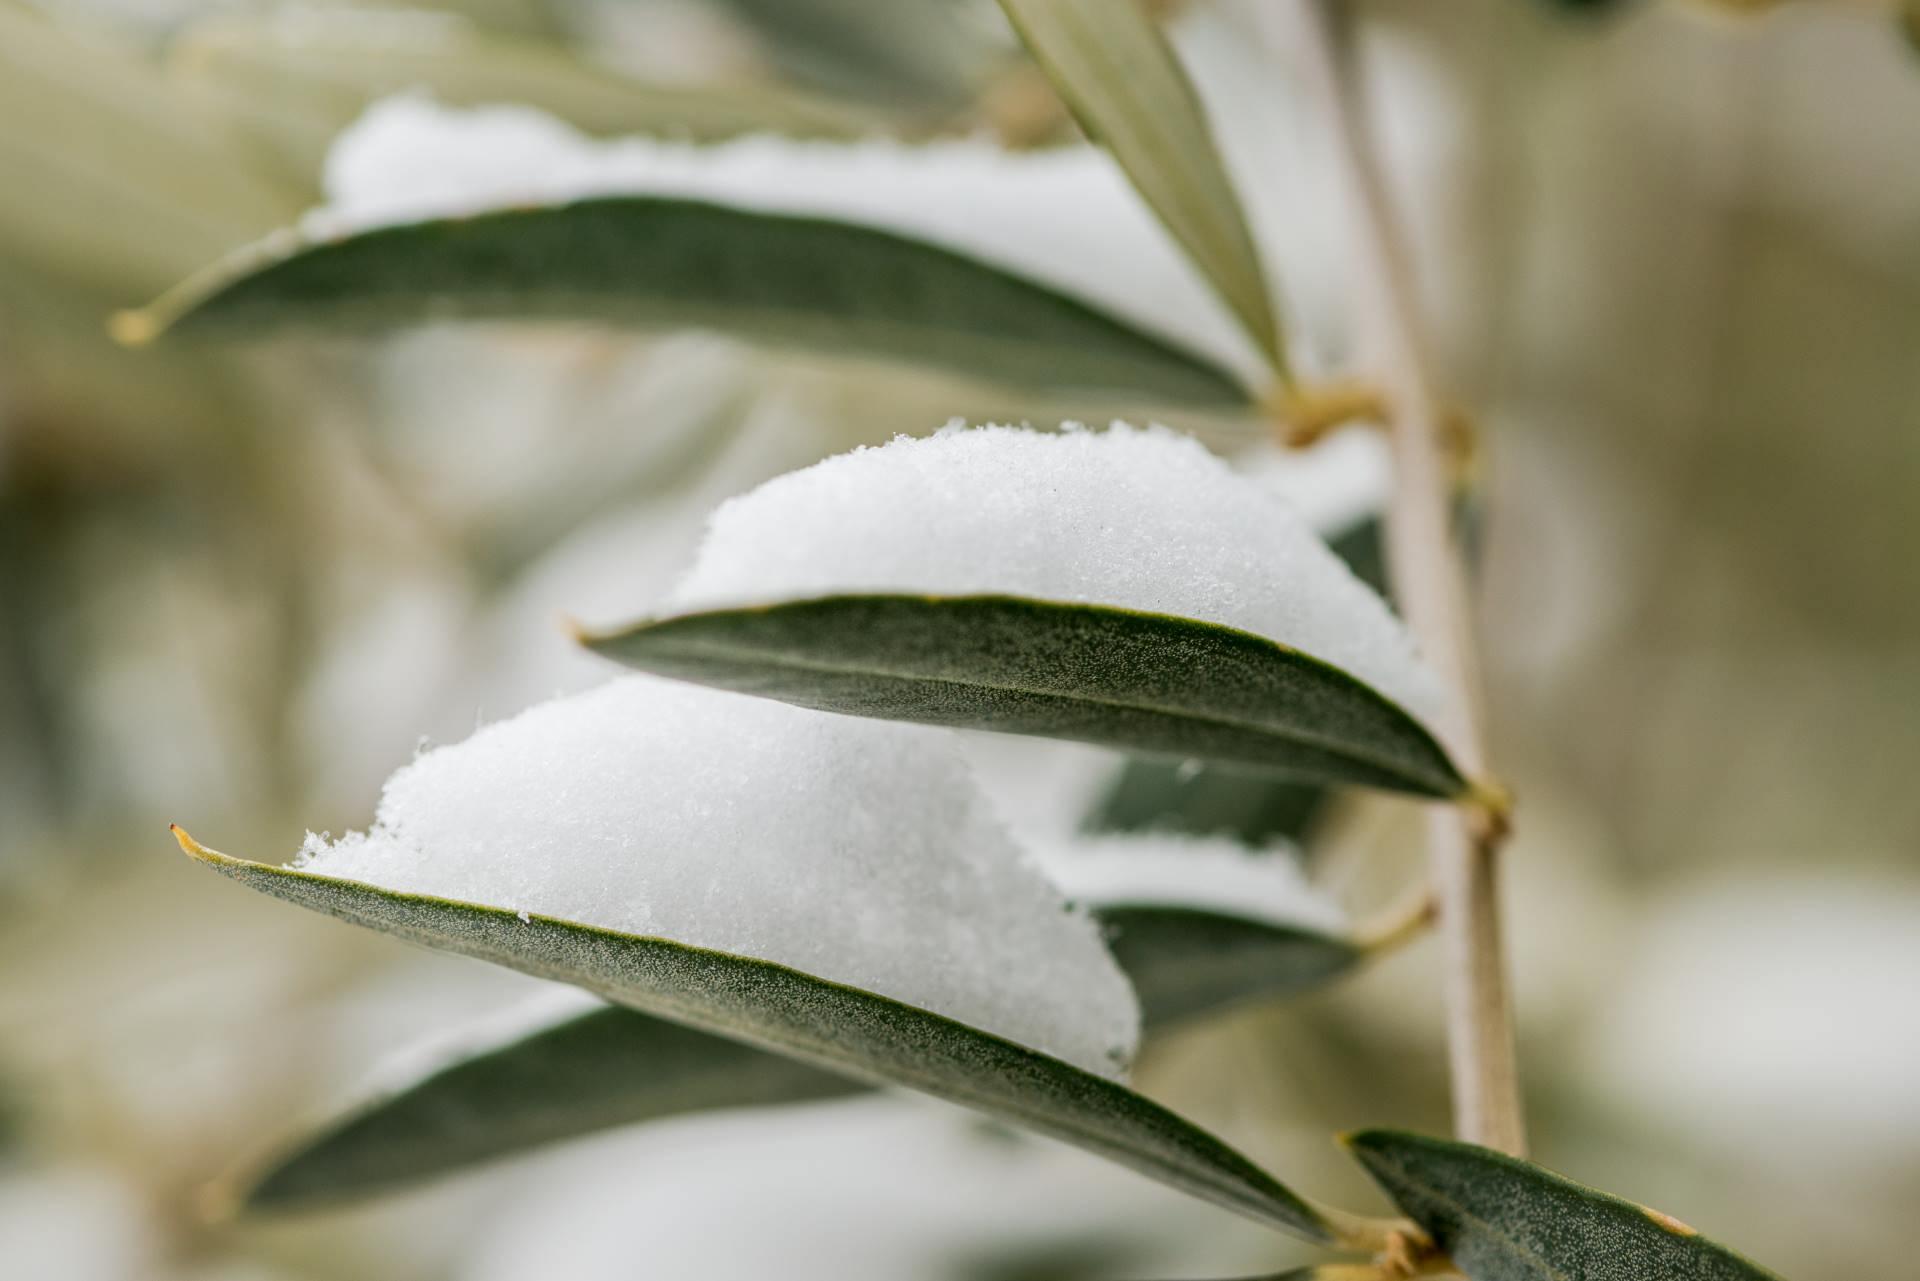 olio extravergine d'oliva natale